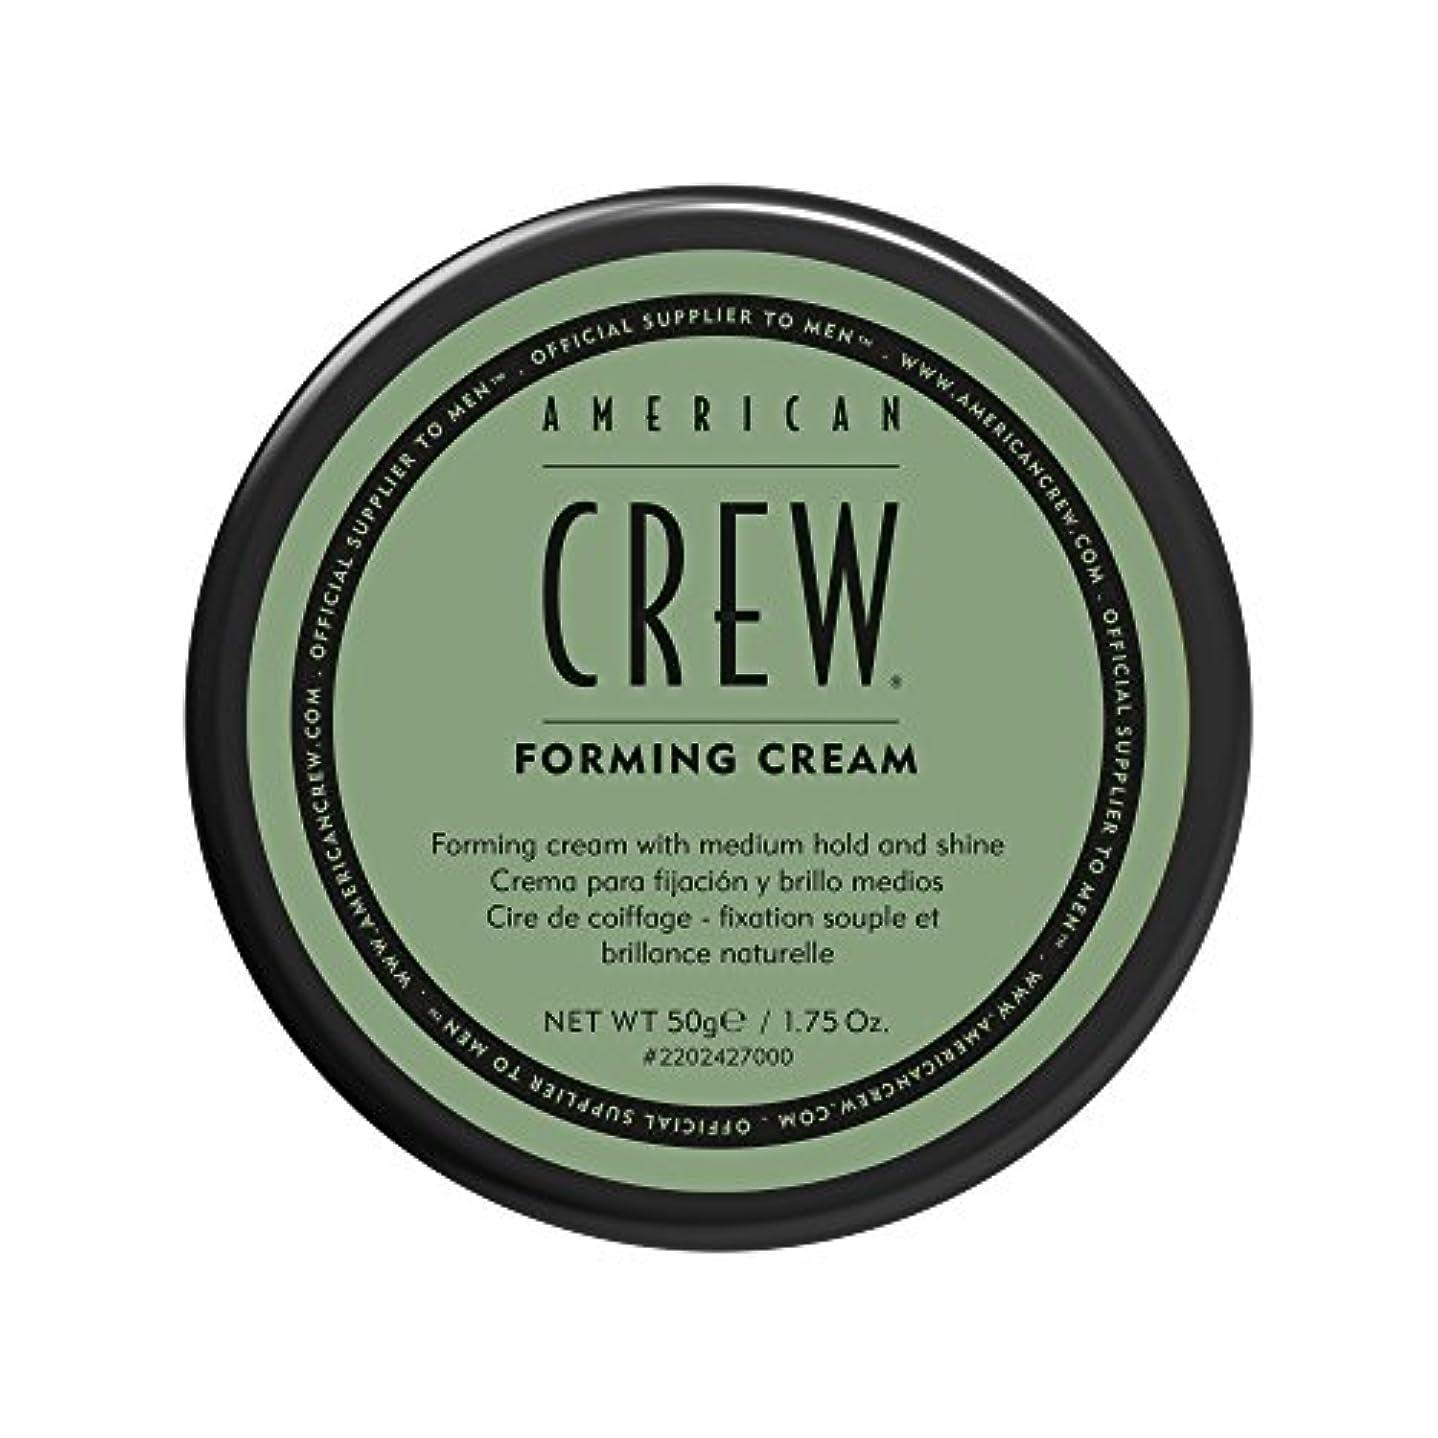 協同ブリード順応性by American Crew FORMING CREAM 1.75 OZ by AMERICAN CREW